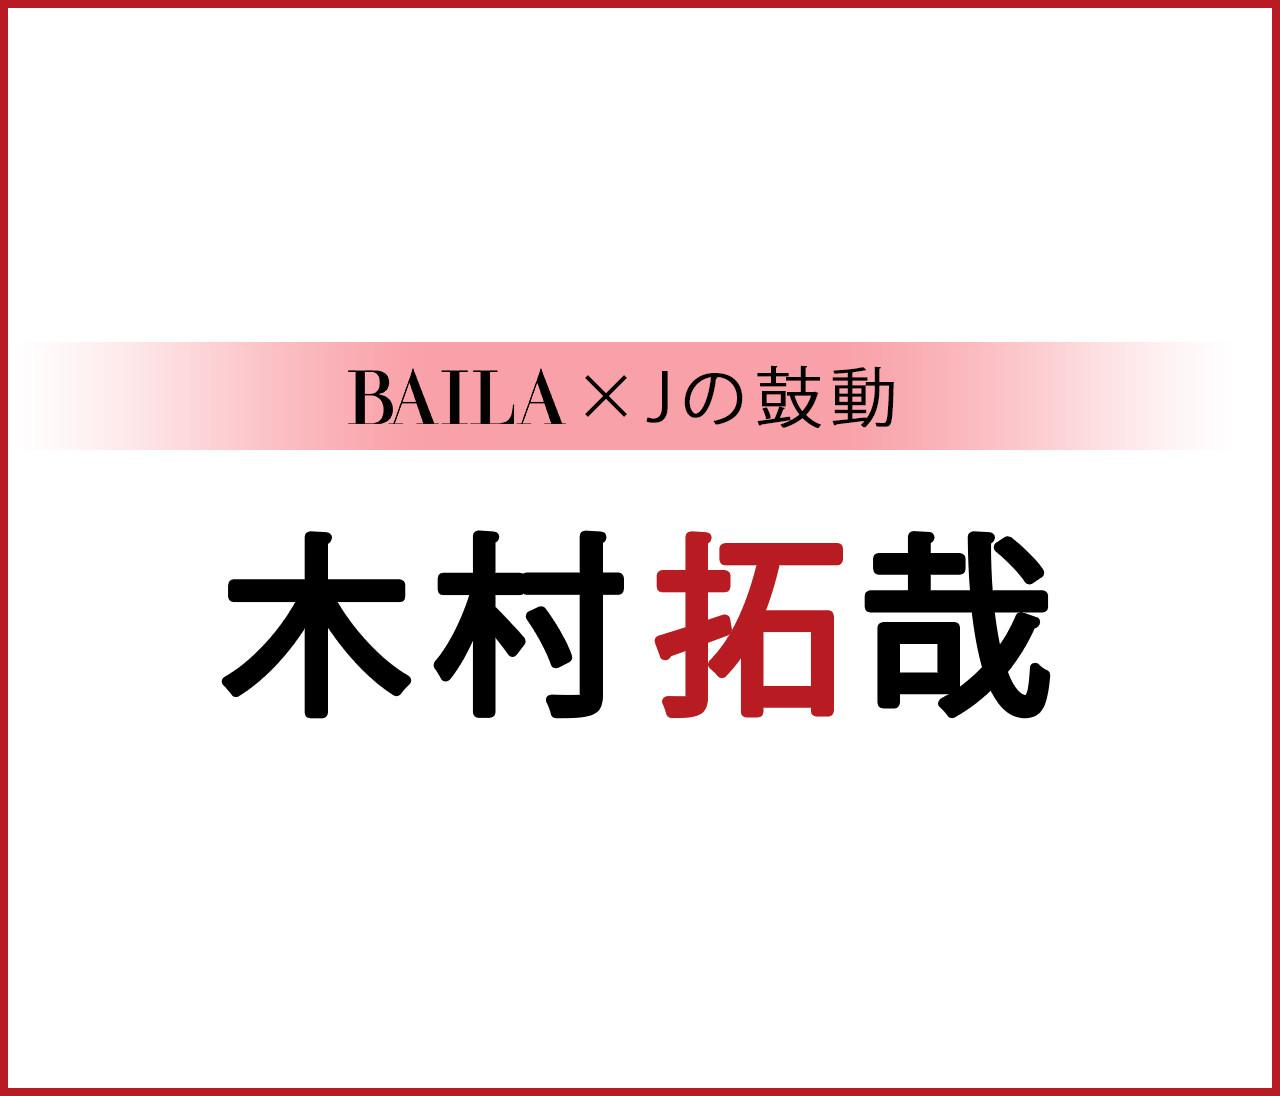 【木村拓哉】スペシャルインタビュー<後編>【BAILA × Jの鼓動】